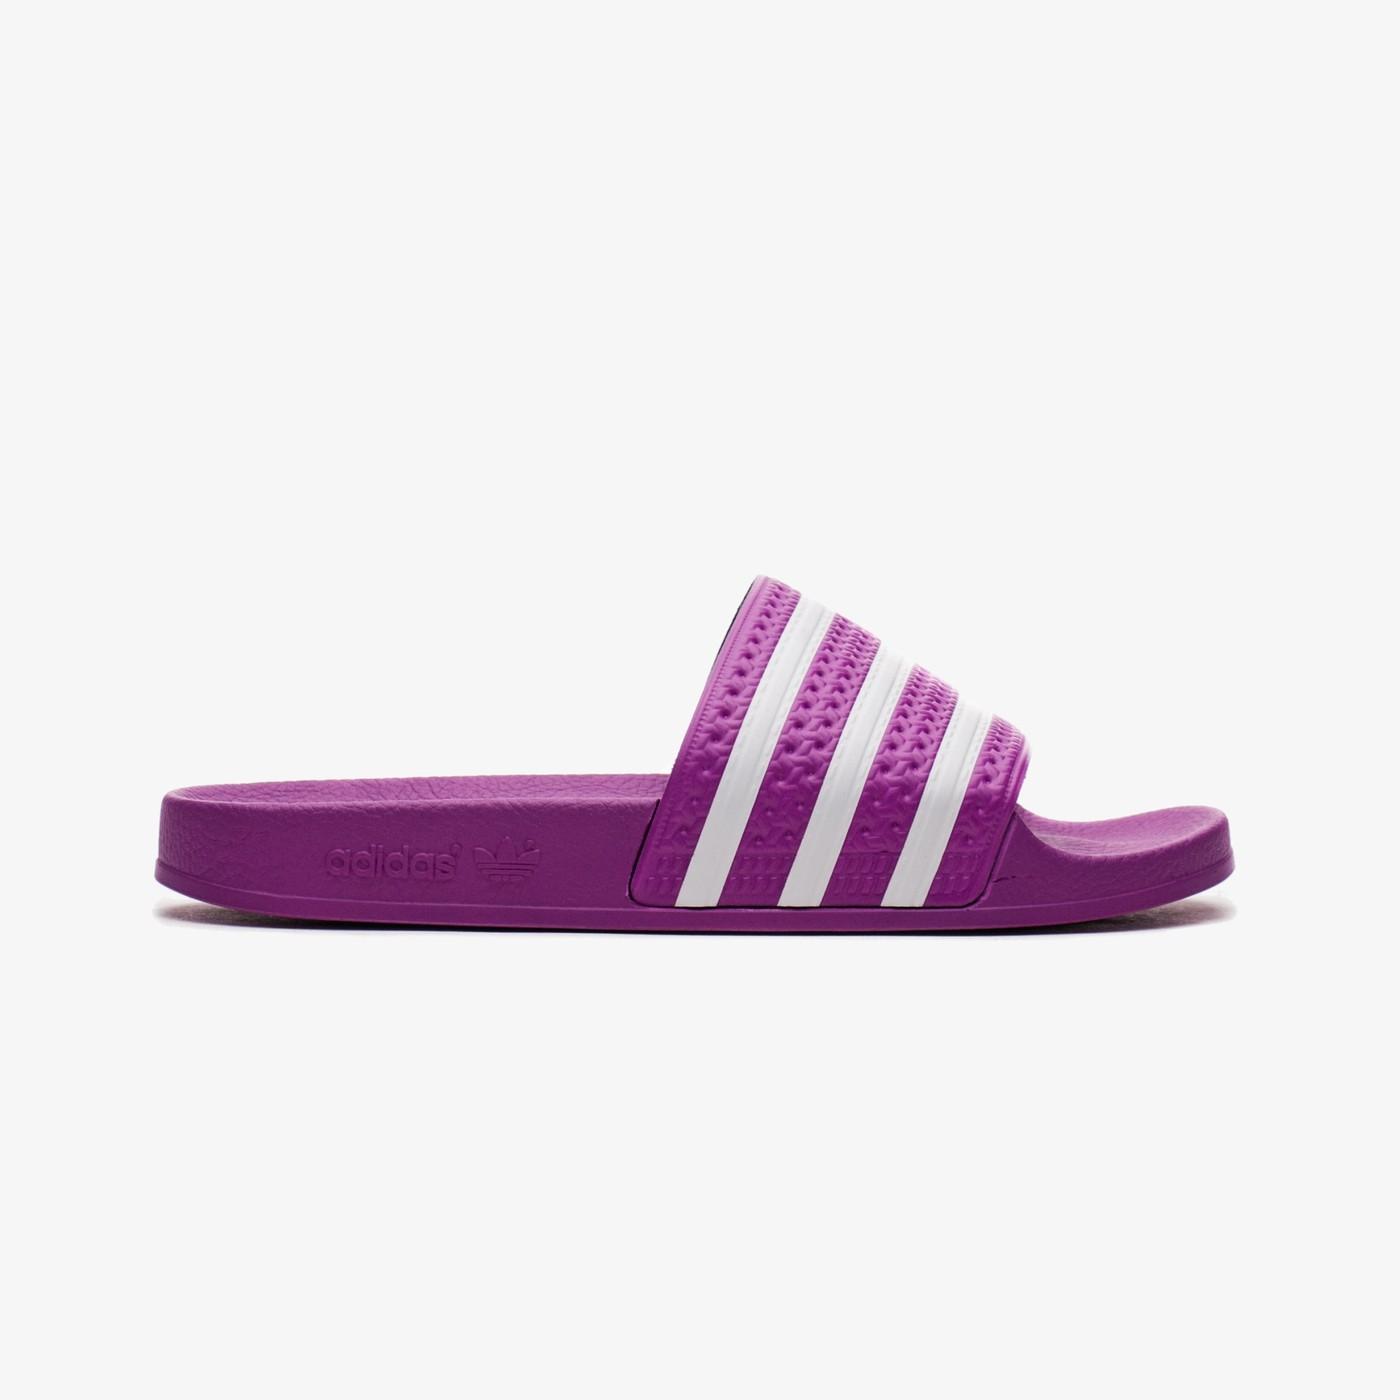 Шльопанці жіночі Adidas ADILETTE